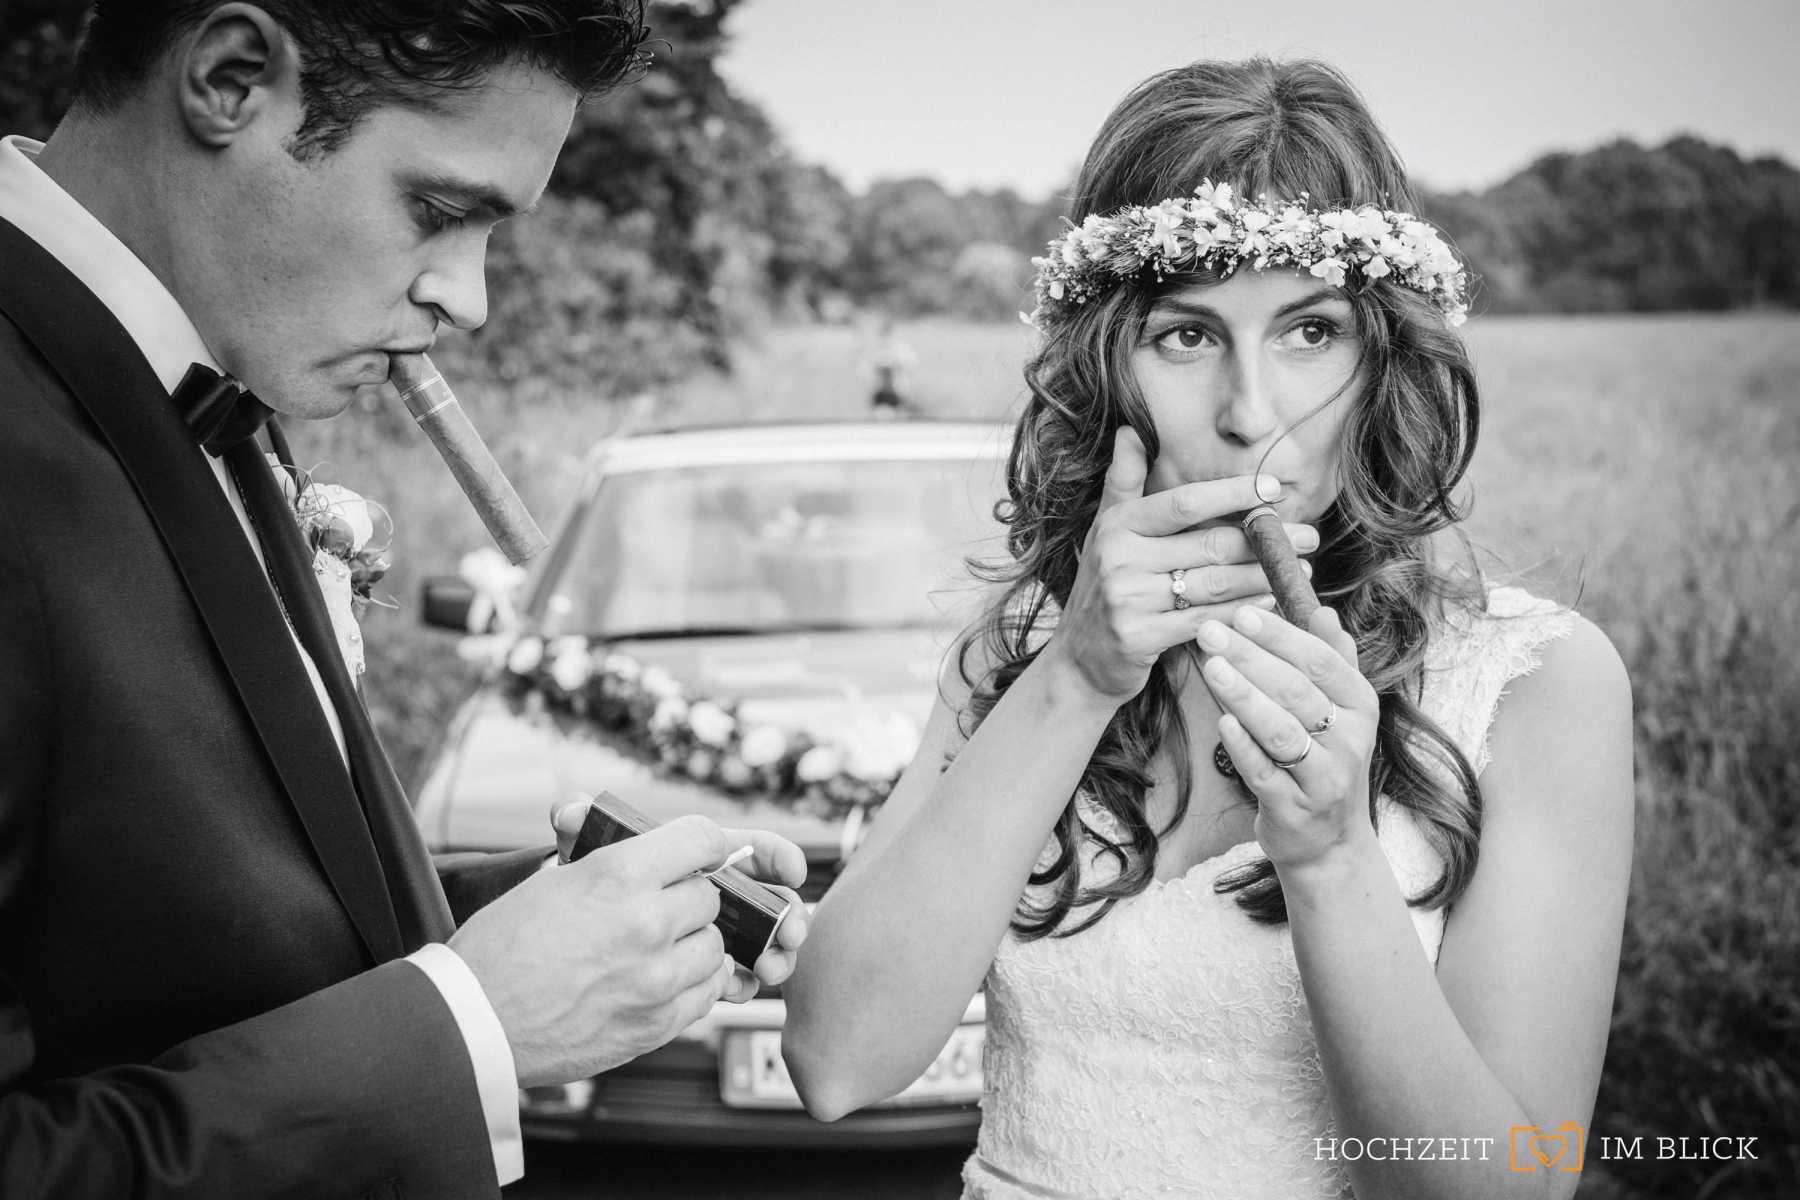 Hochzeitsfotograf_Hochzeit_im_Blick_001